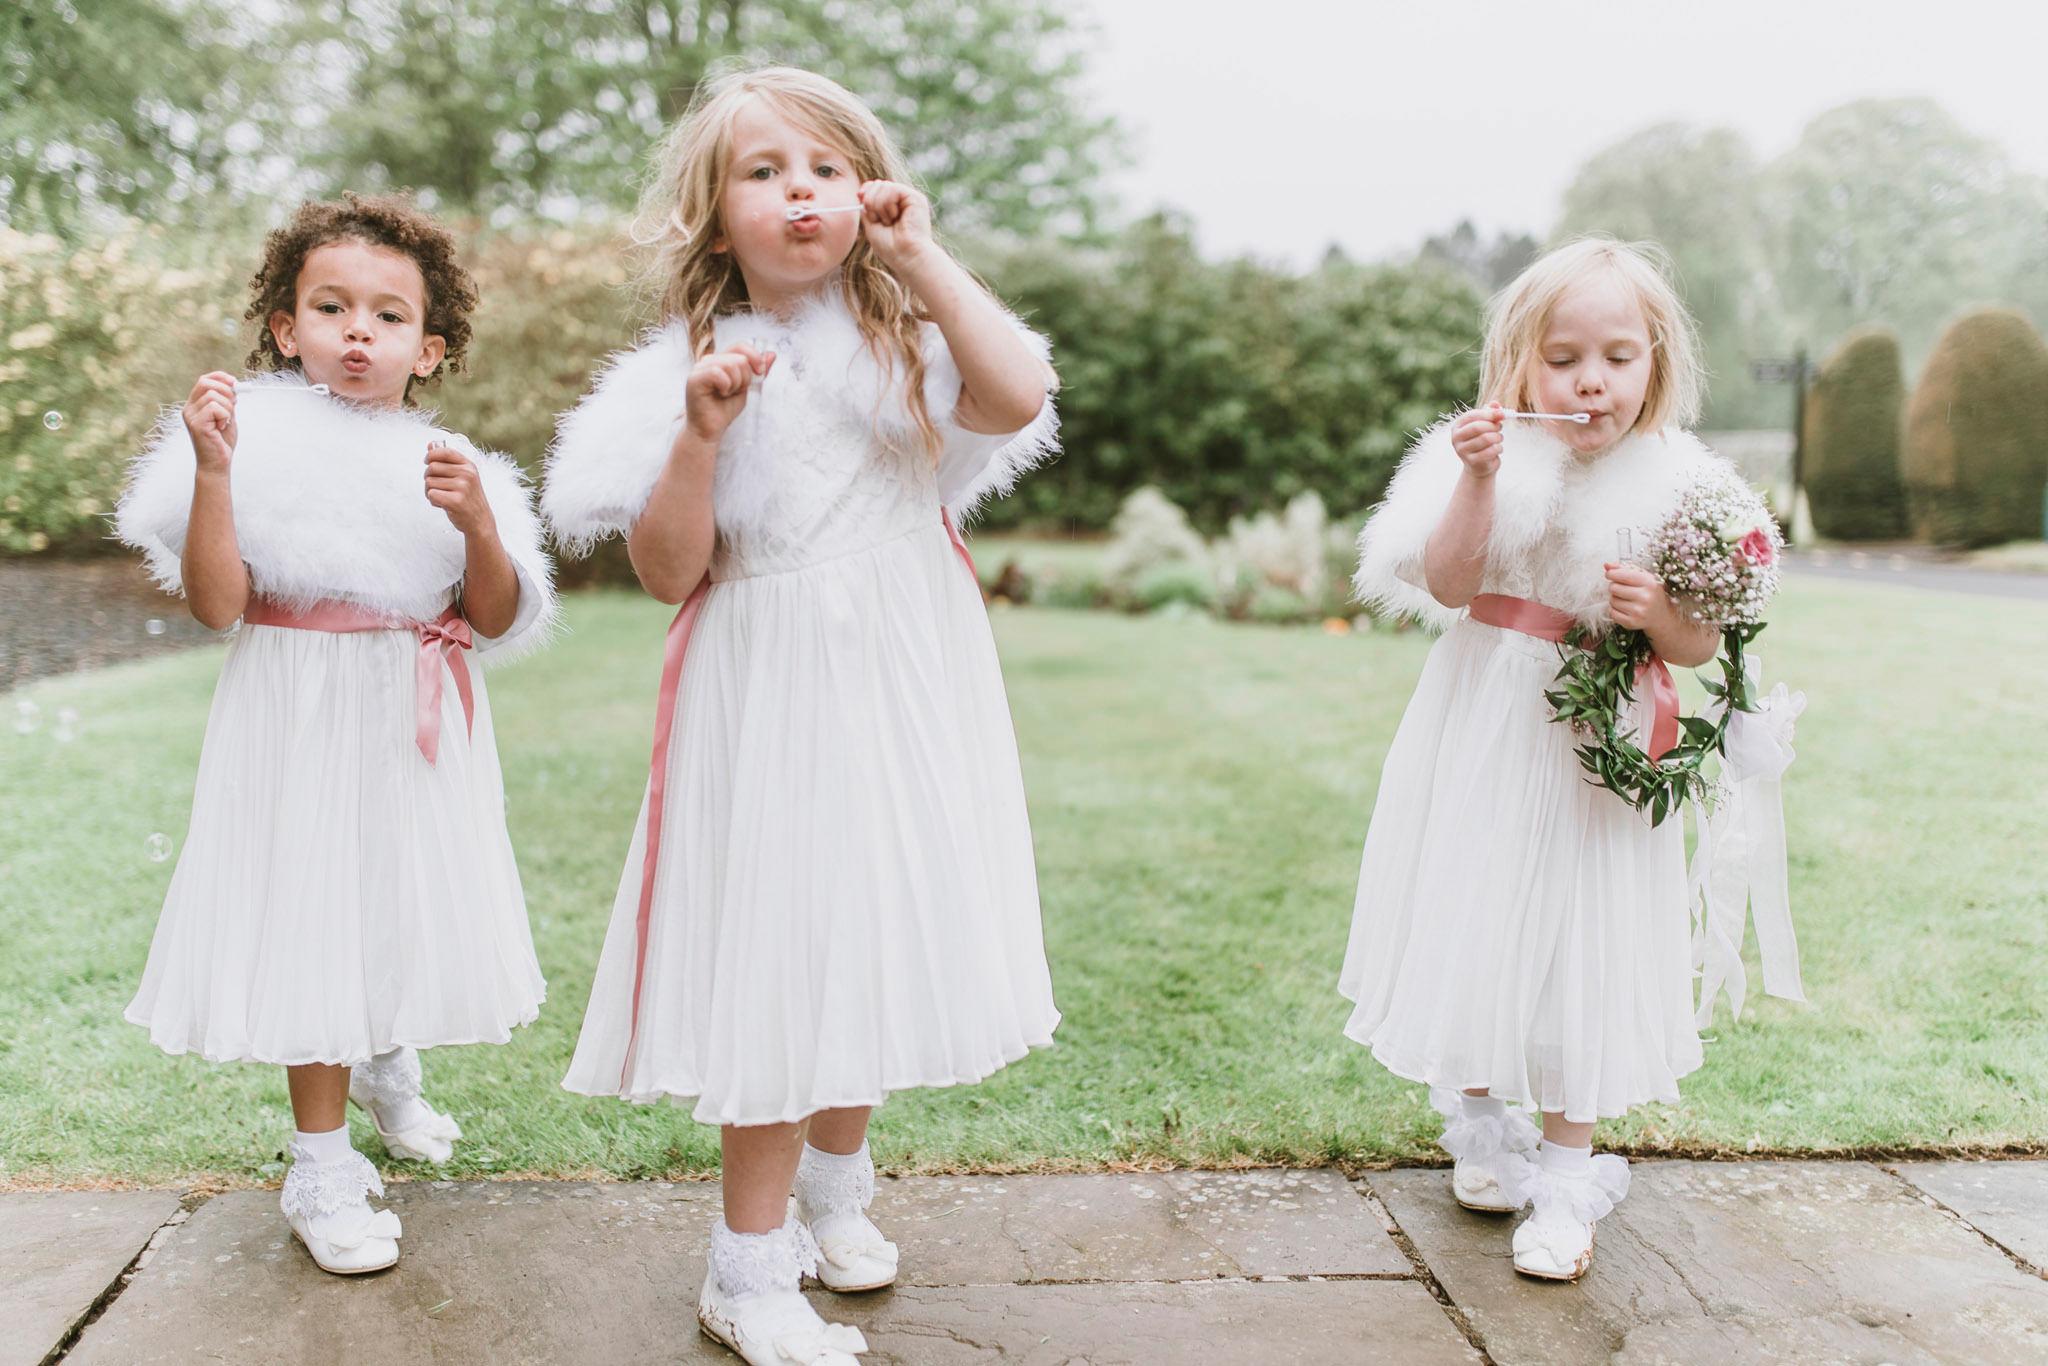 scotland-wedding-elopement-photographer-058.jpg